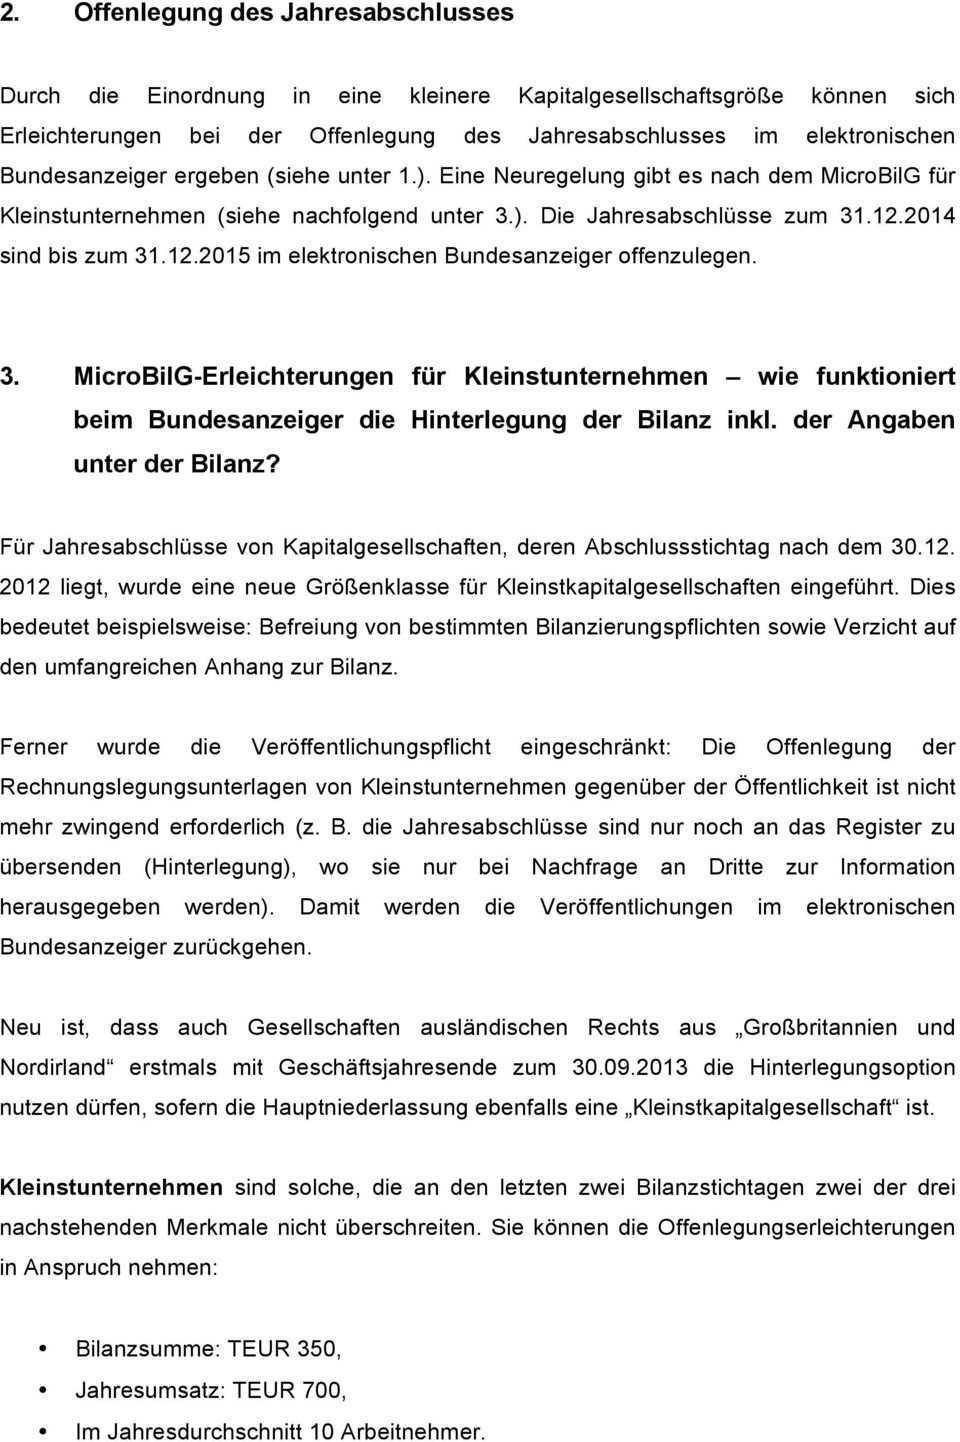 1 Bilanzrichtlinie Umsetzungsgesetz Anderungen Bei Den Grossenklassen Pdf Kostenfreier Download